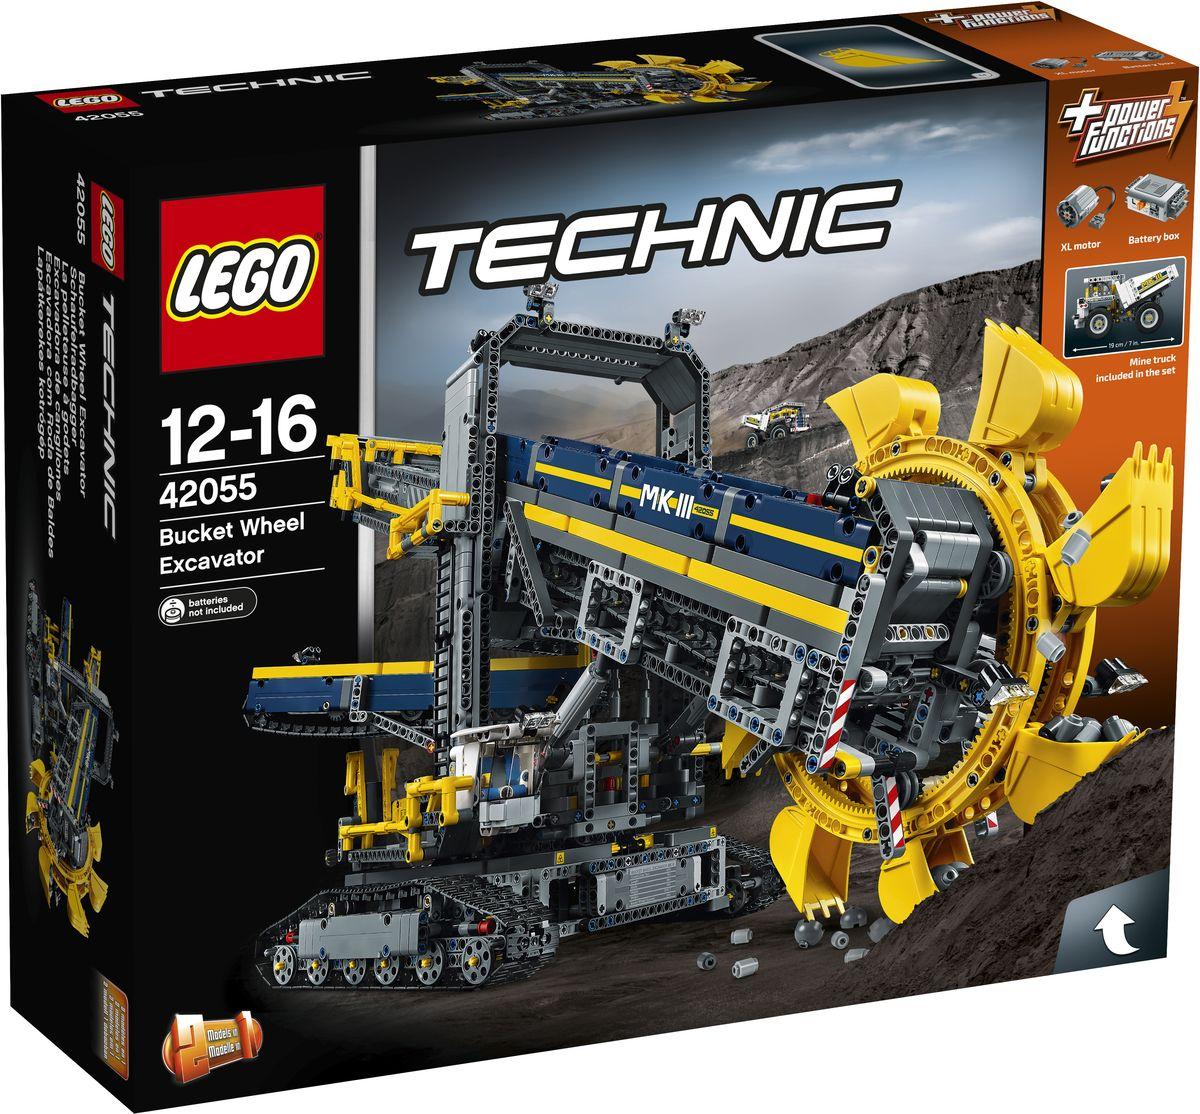 LEGO Technic Конструктор Роторный экскаватор 42055 конструктор lego technic дорожная техника 42060